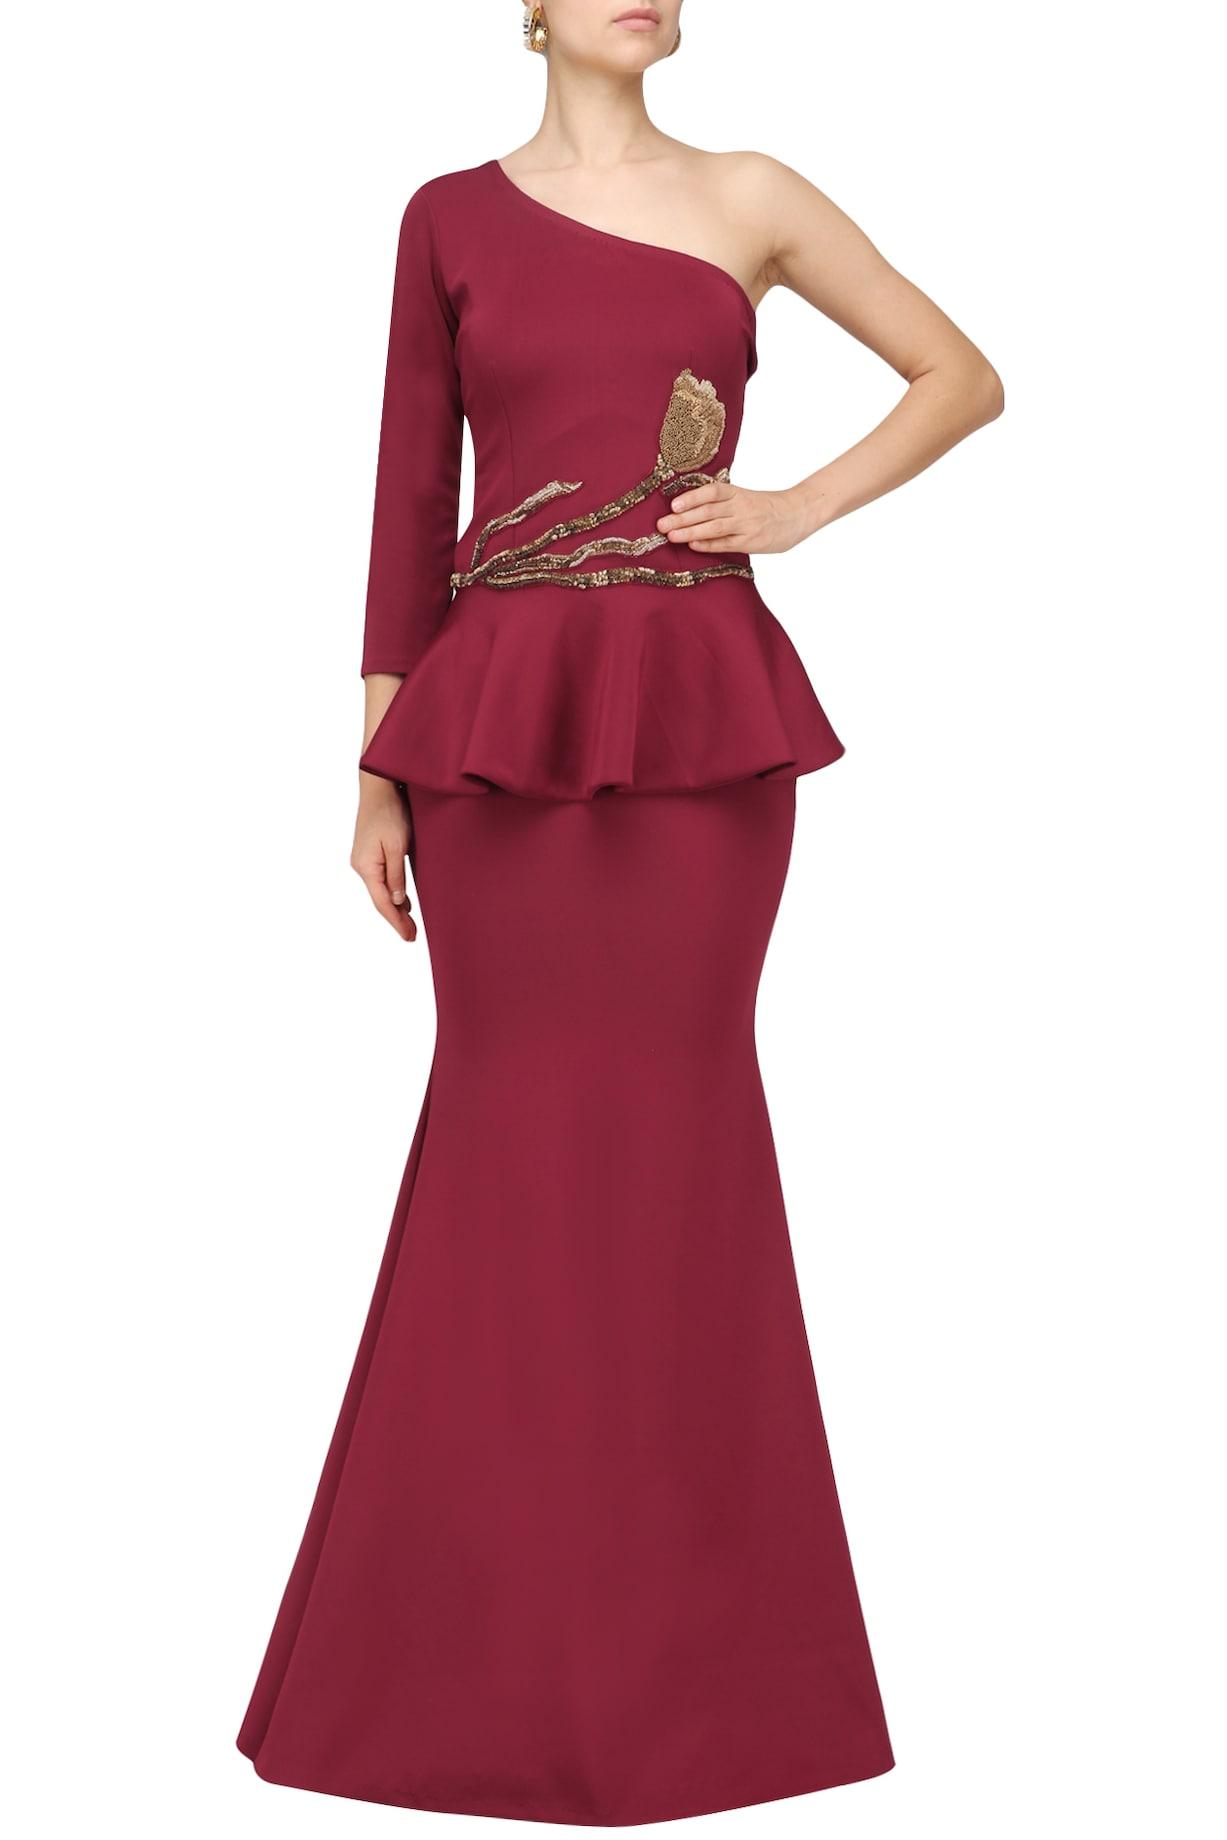 Abha Choudhary Gowns